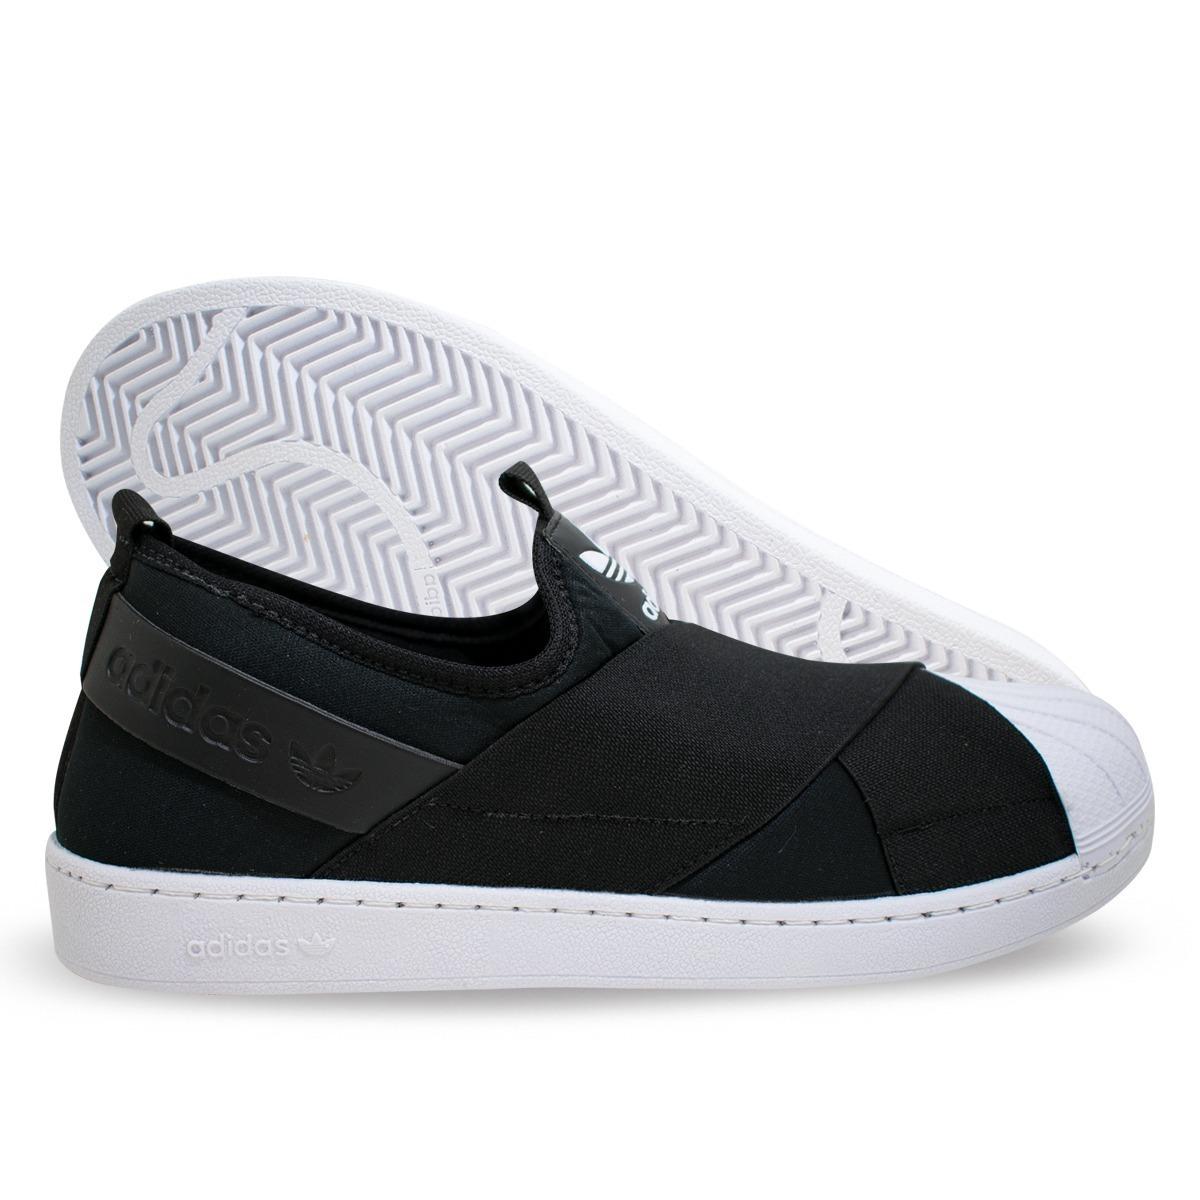 39cddf3c0d adidas slip on original preto unissex tênis lançamento top. Carregando zoom.